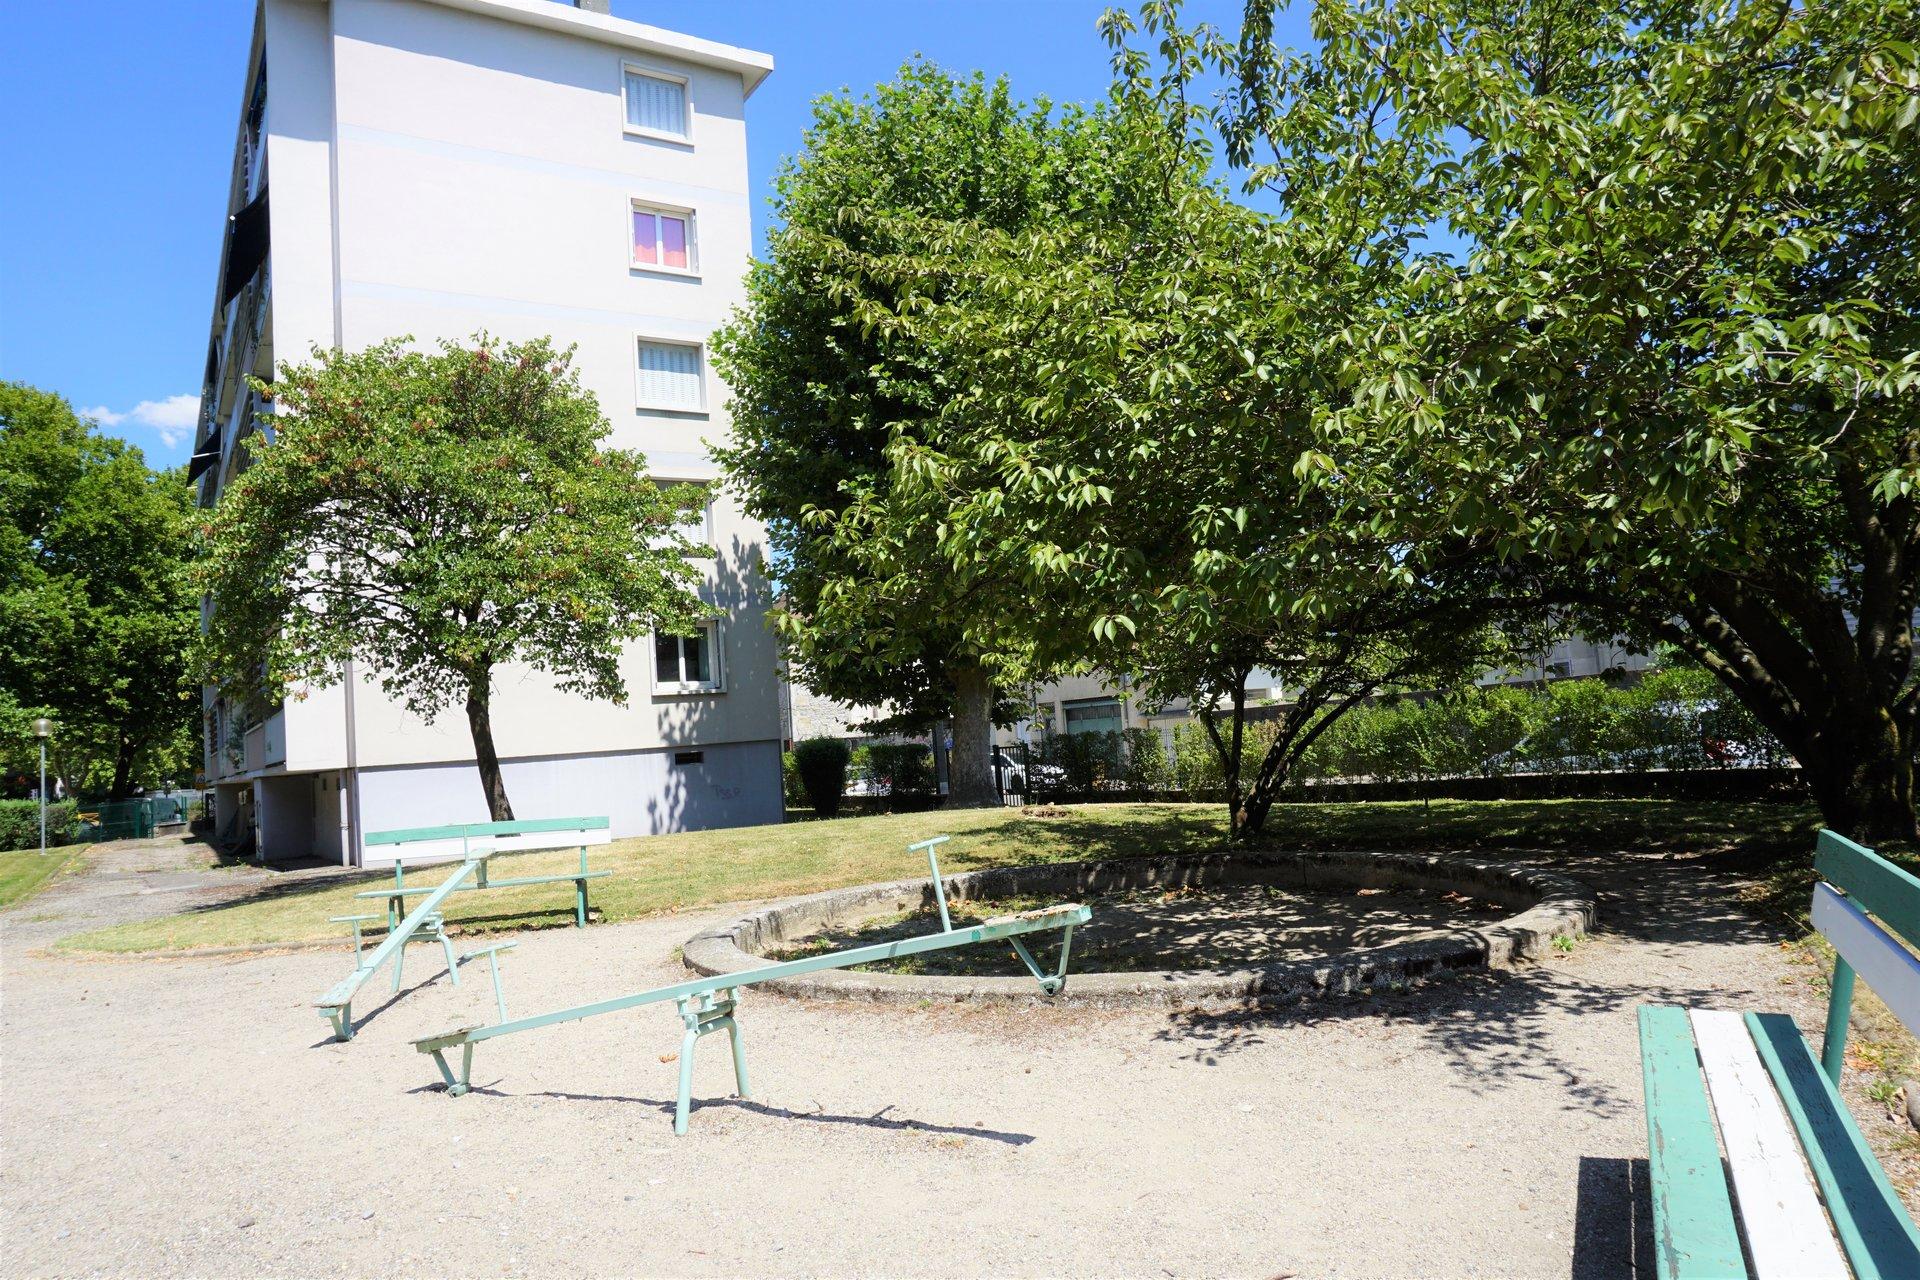 Jardin d'enfants dans la copropriété fermée et sécurisée